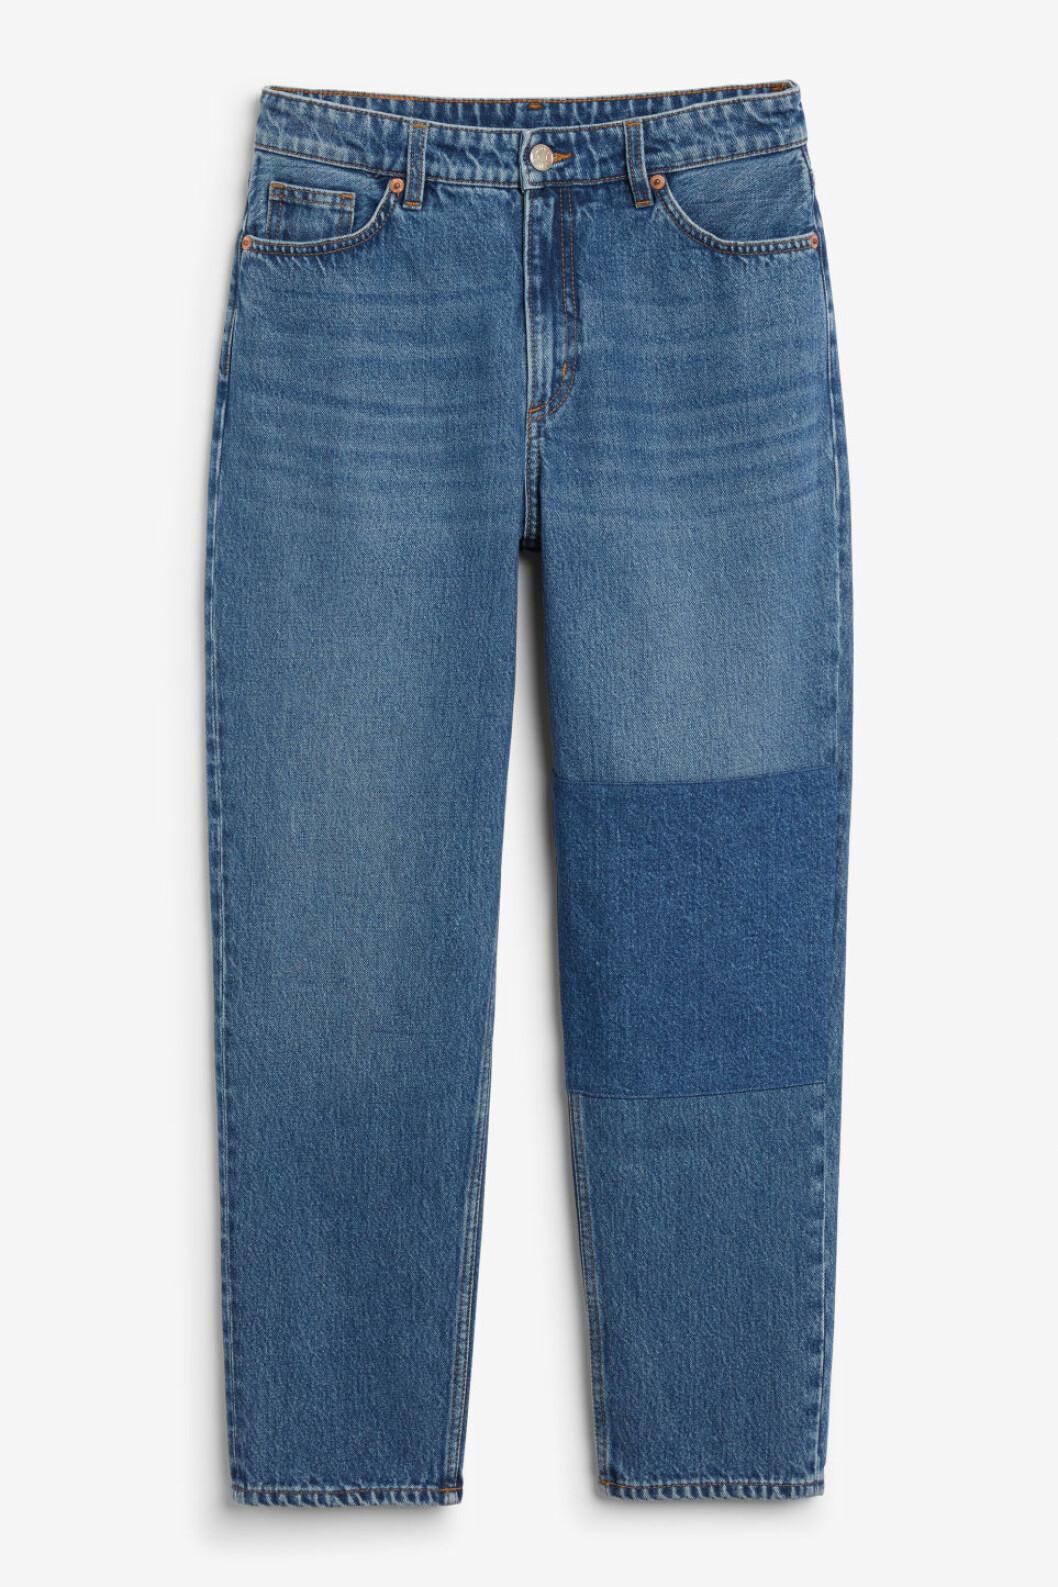 Blå jeans med hög midja